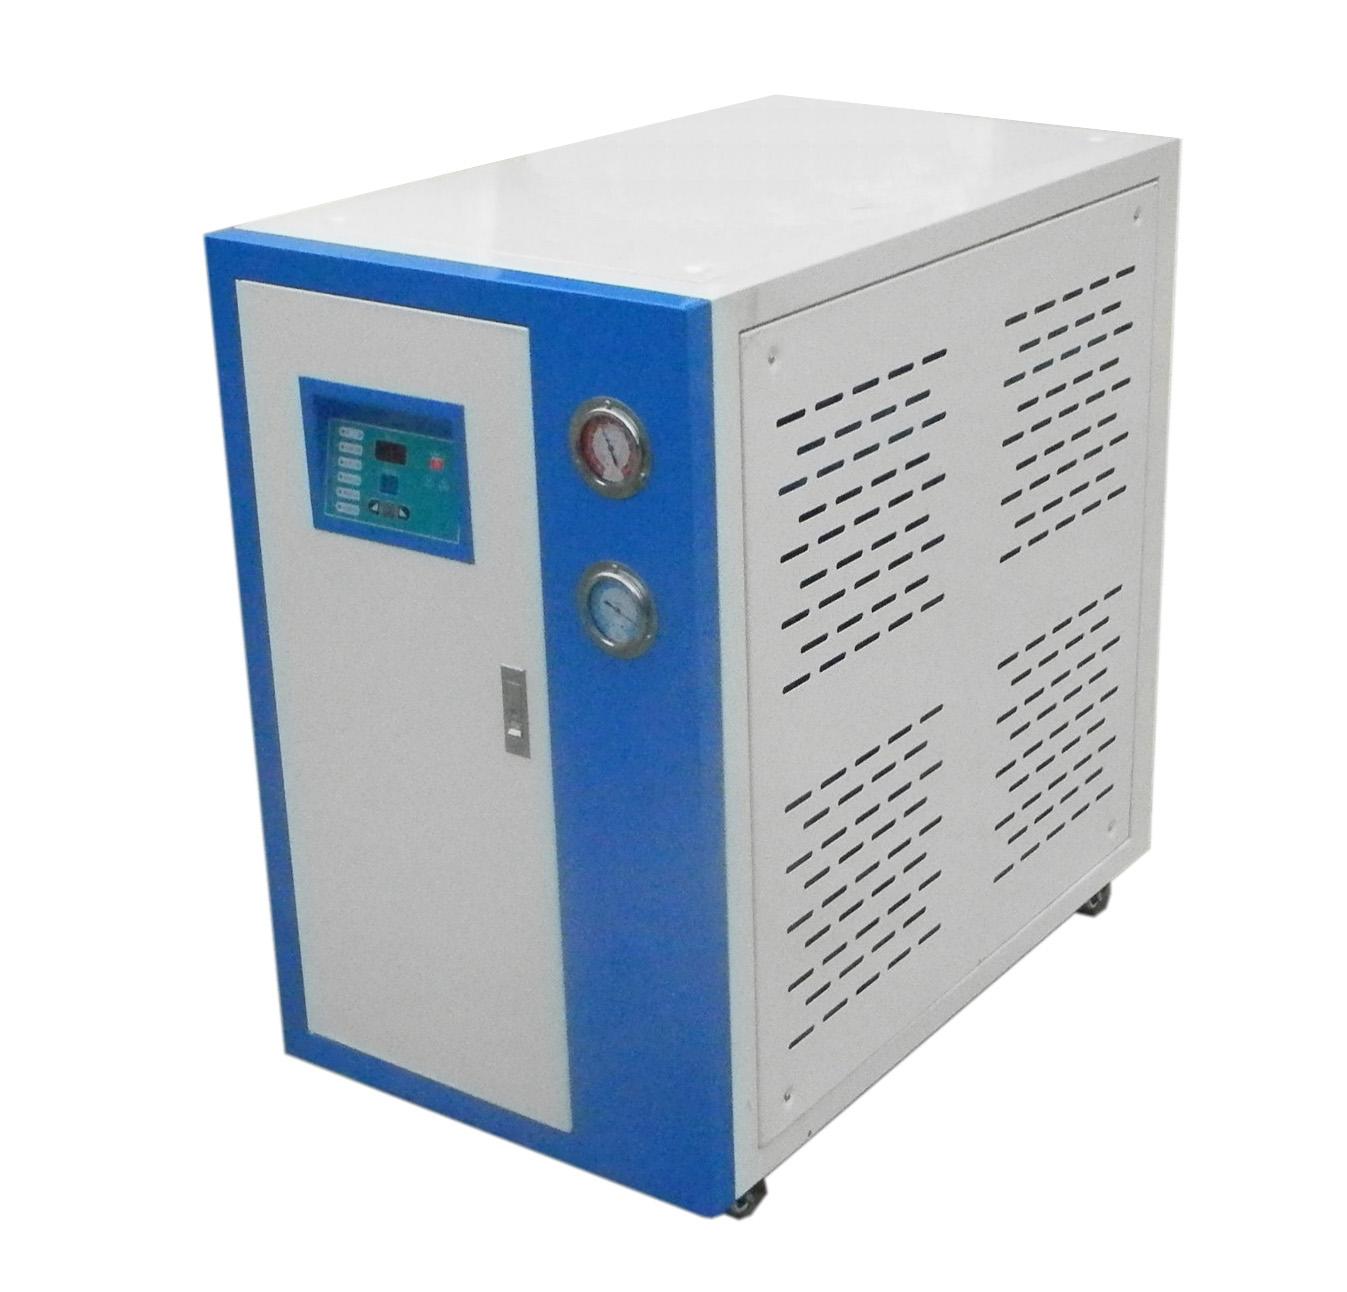 载冷剂在运行的过程之中有哪些优缺点呢?怎样保证冷水机稳定运行?